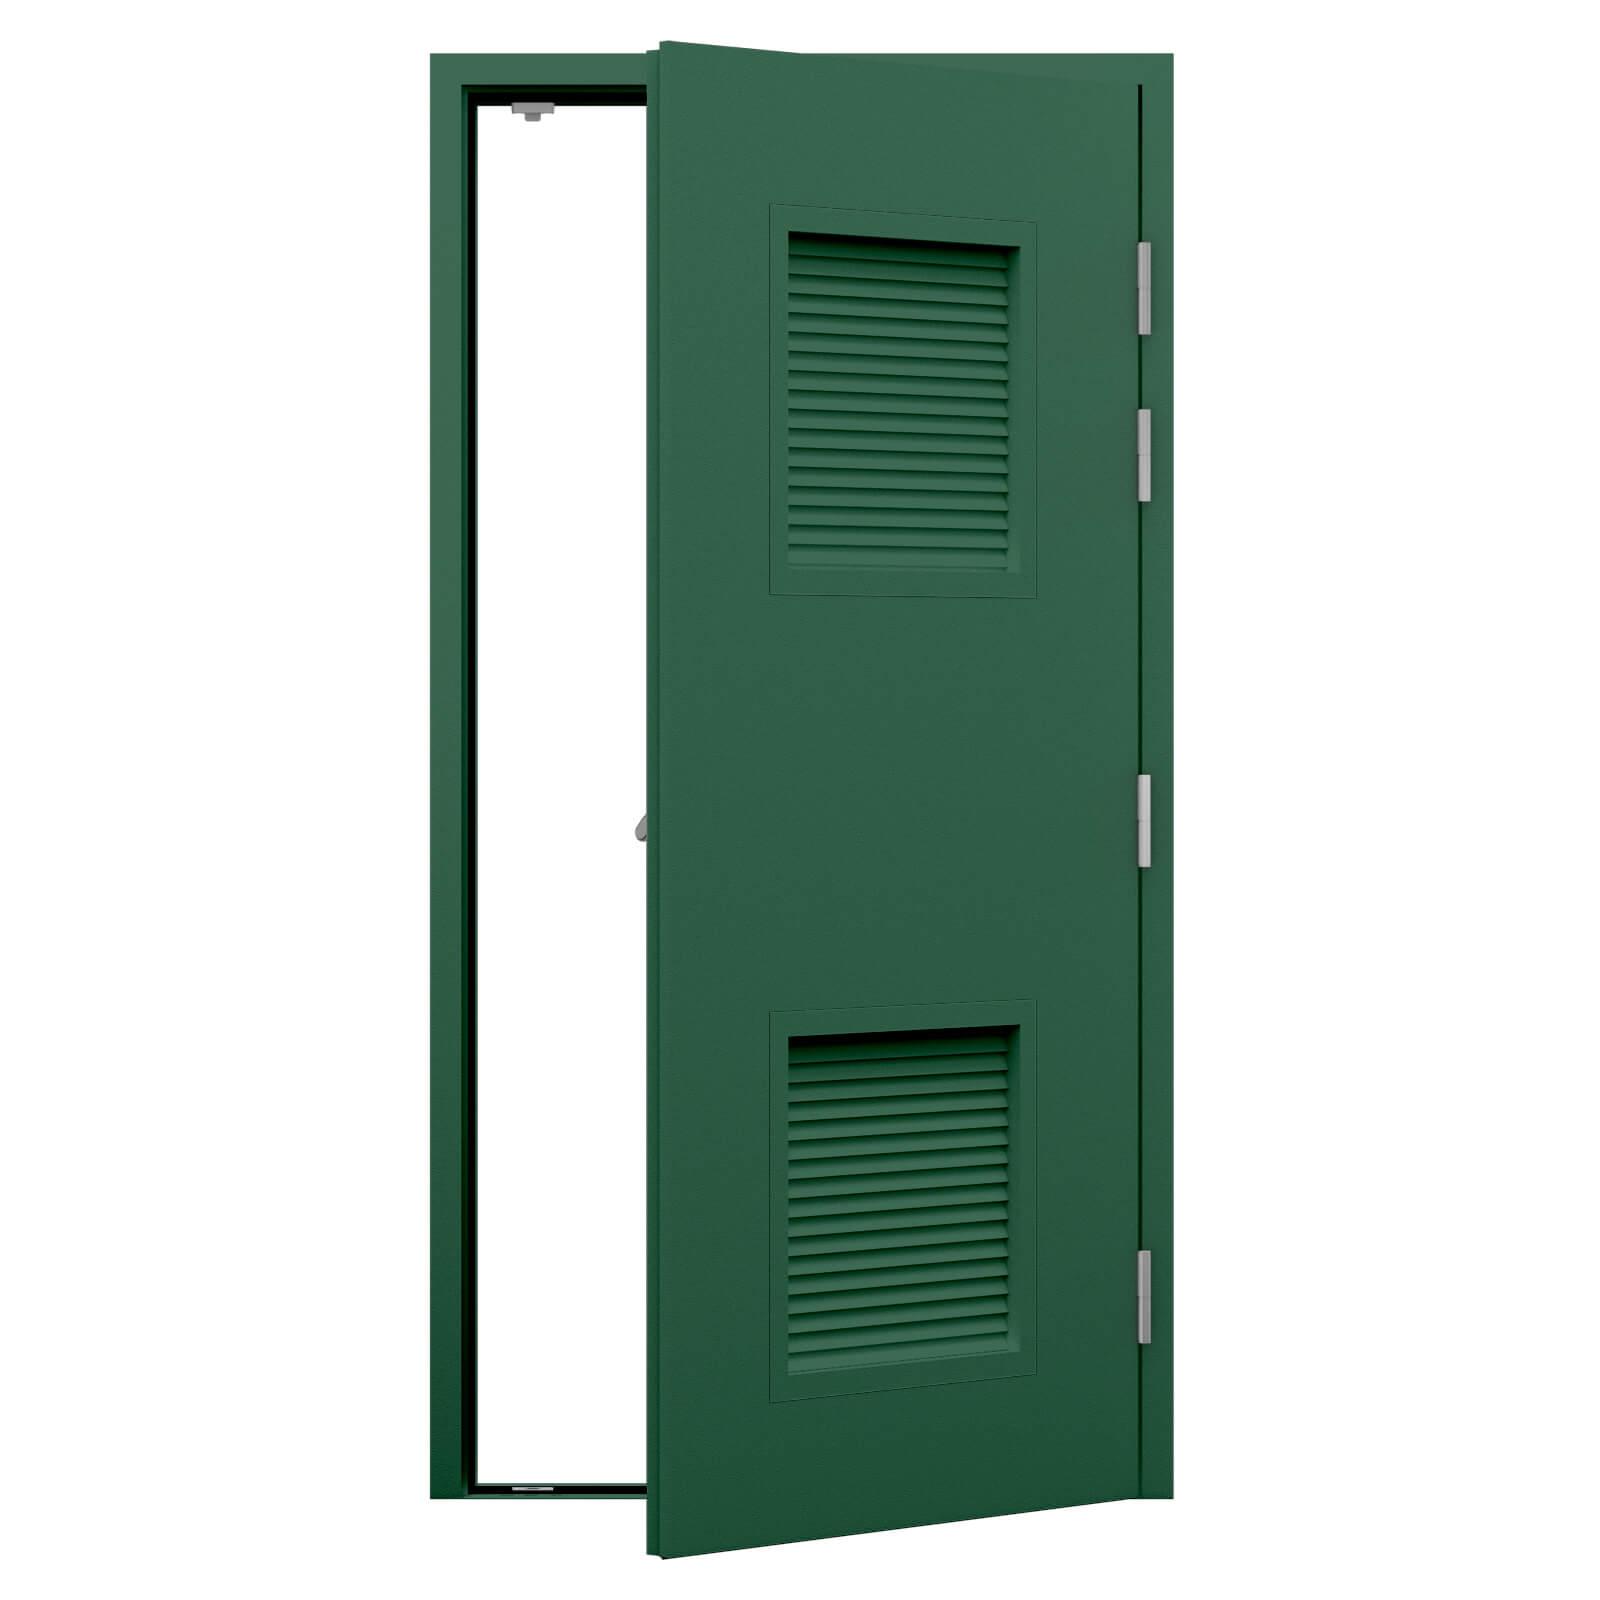 Louvred Fire Exit Door Security Latham S Steel Doors